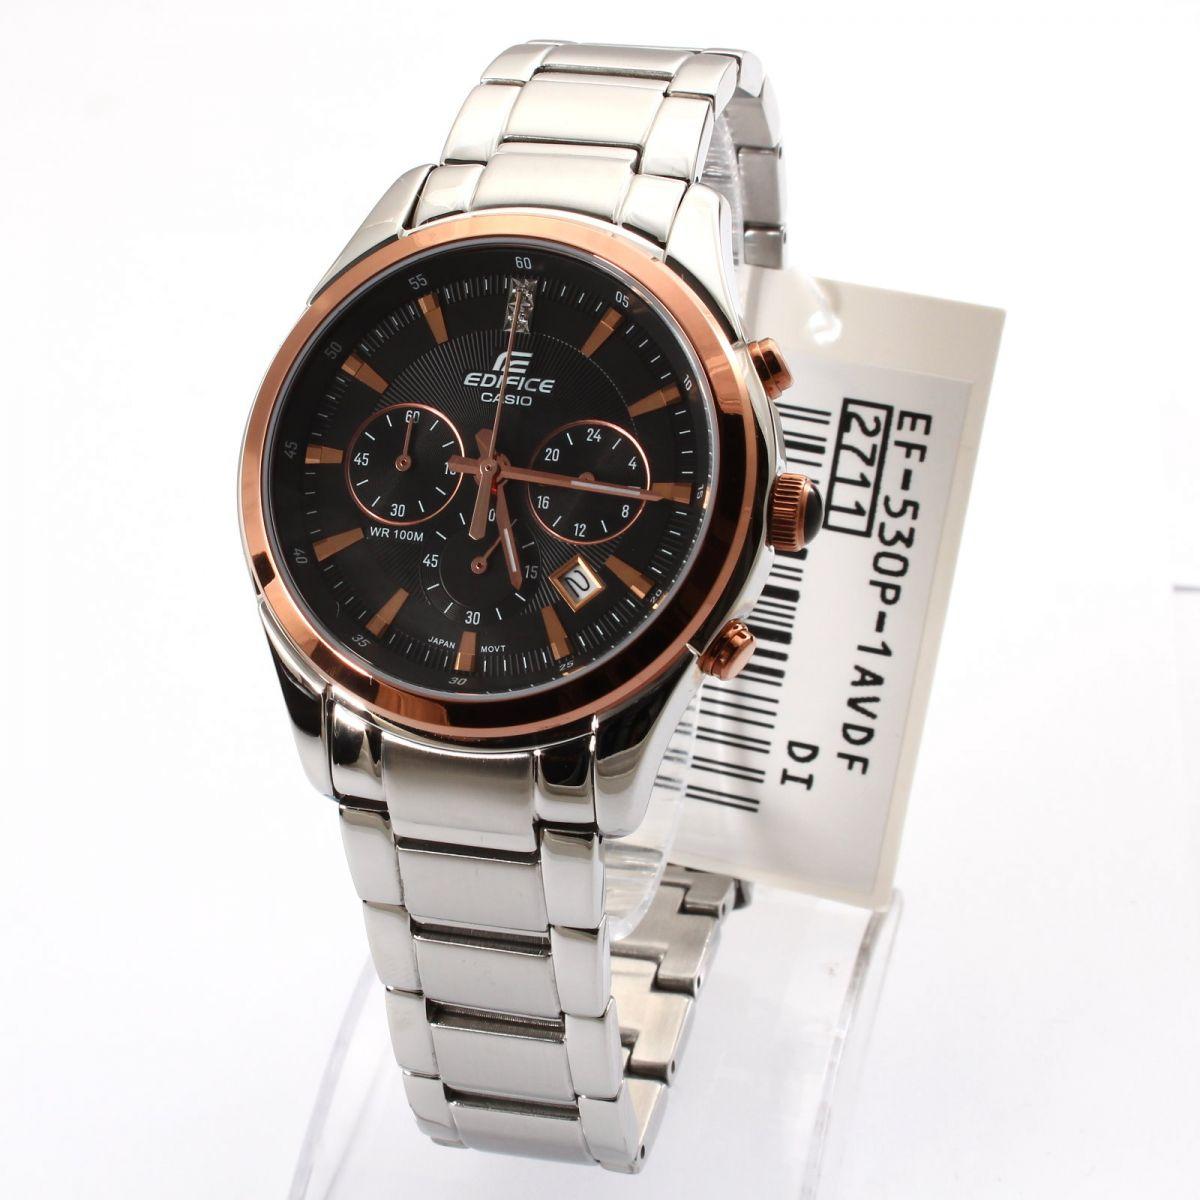 Đồng hồ nam Casio EF-530D-1A tinh tế kiểu dáng mạnh mẽ